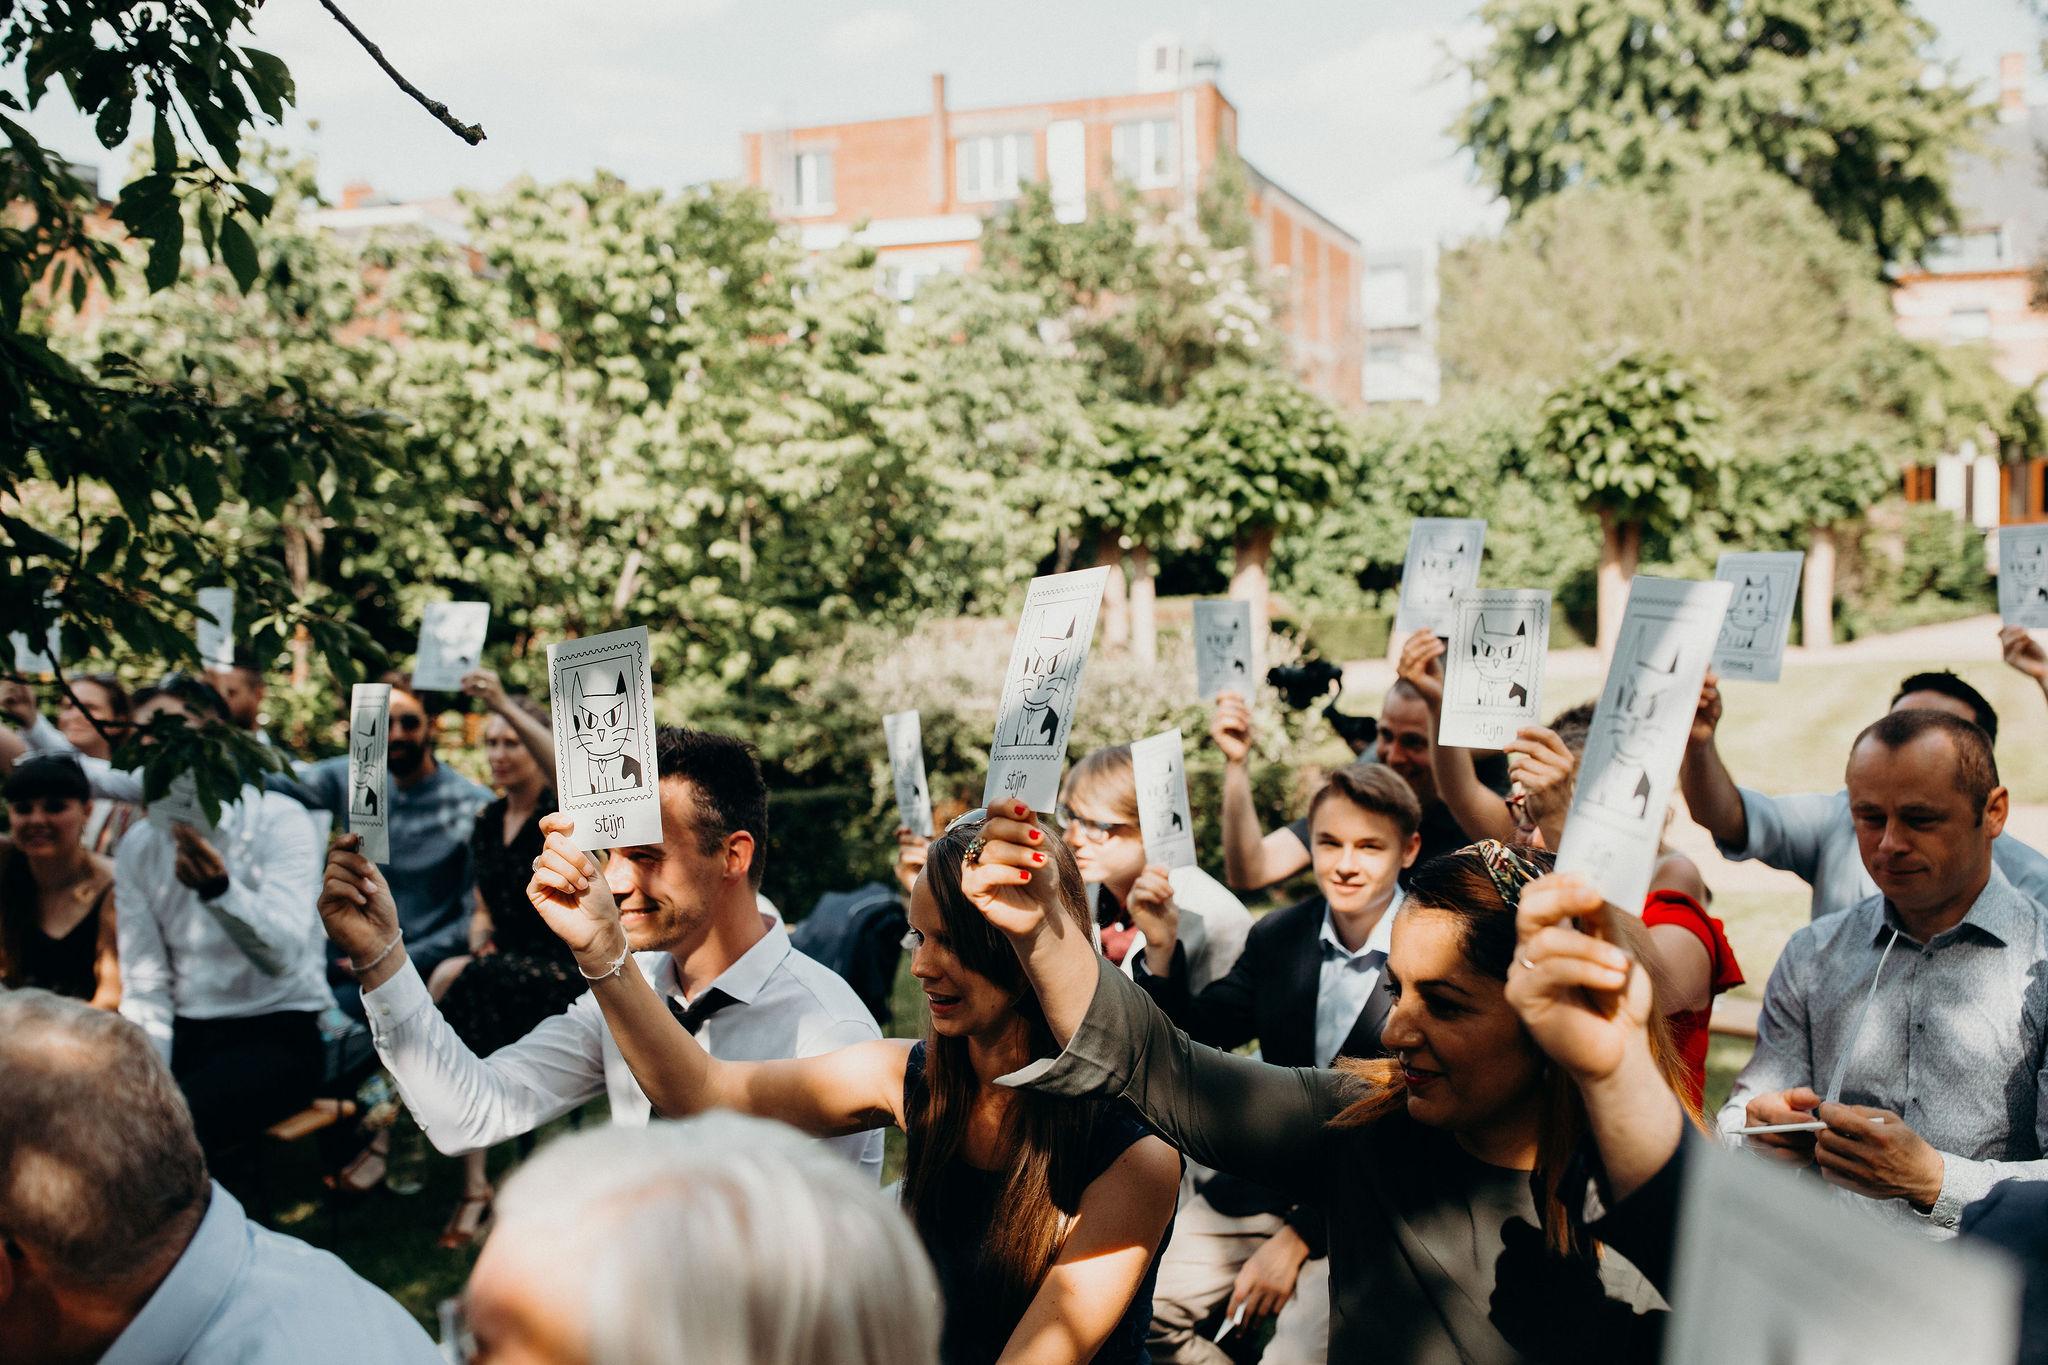 Emma en Stijn interactief ritueel gasten persoonlijke ceremonie stemmen met kaartjes